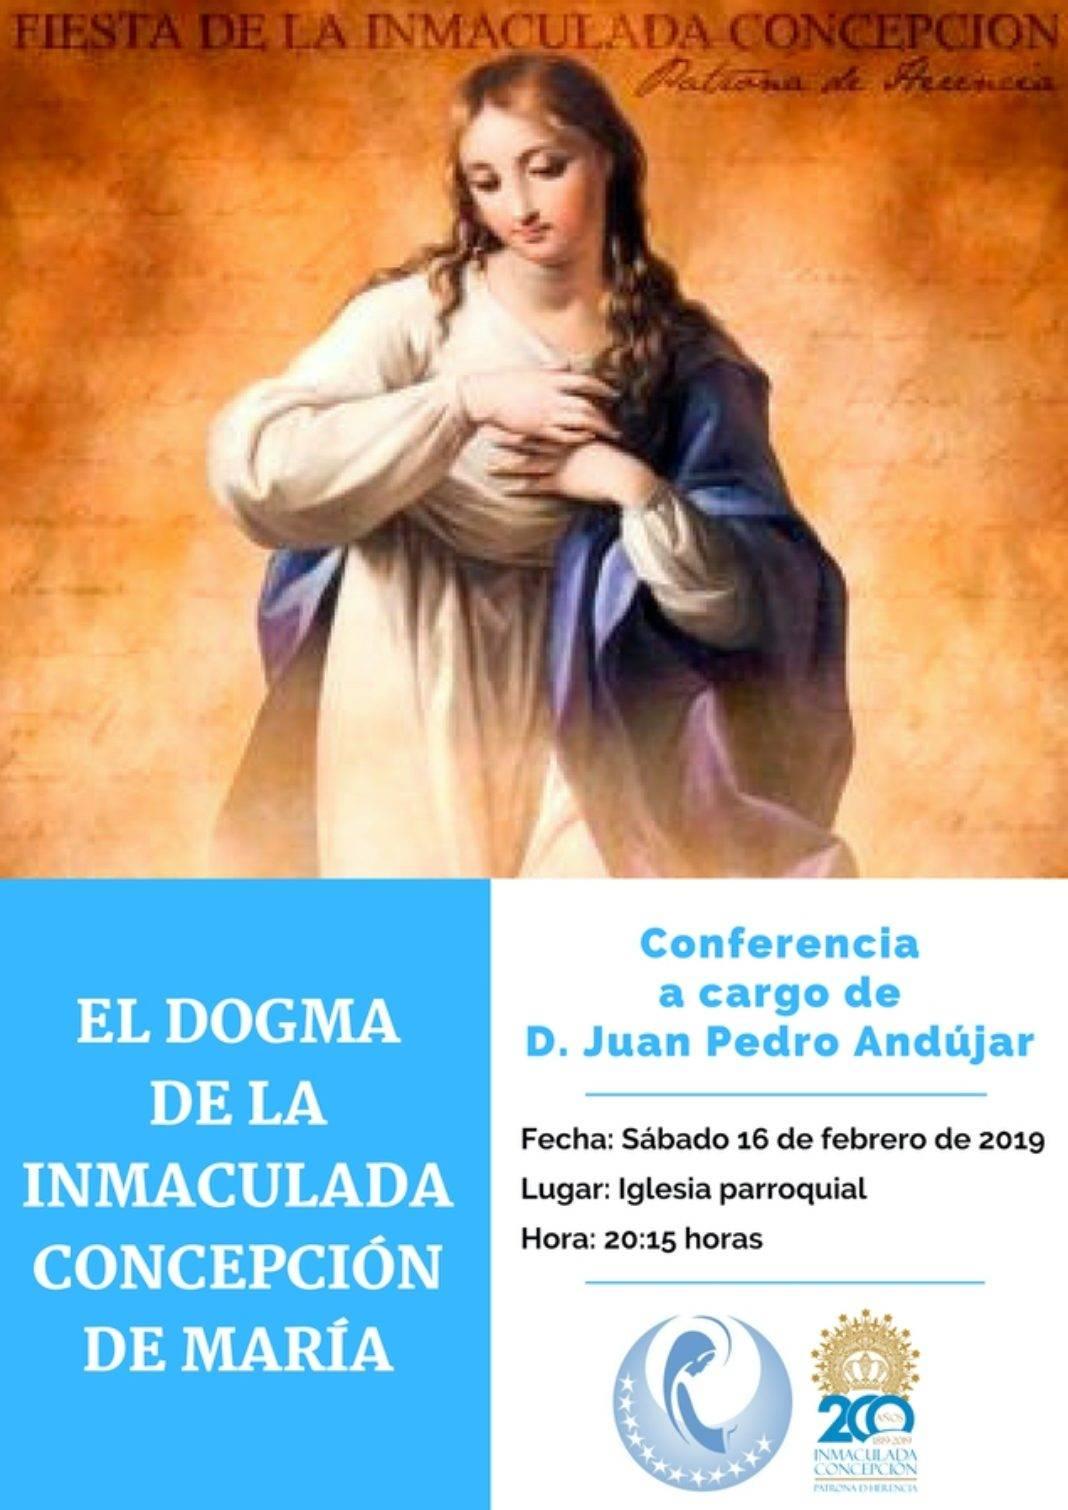 Juan Pedro Andújar dará una conferencia en Herencia sobre el dogma de la Inmaculada Conepción 7